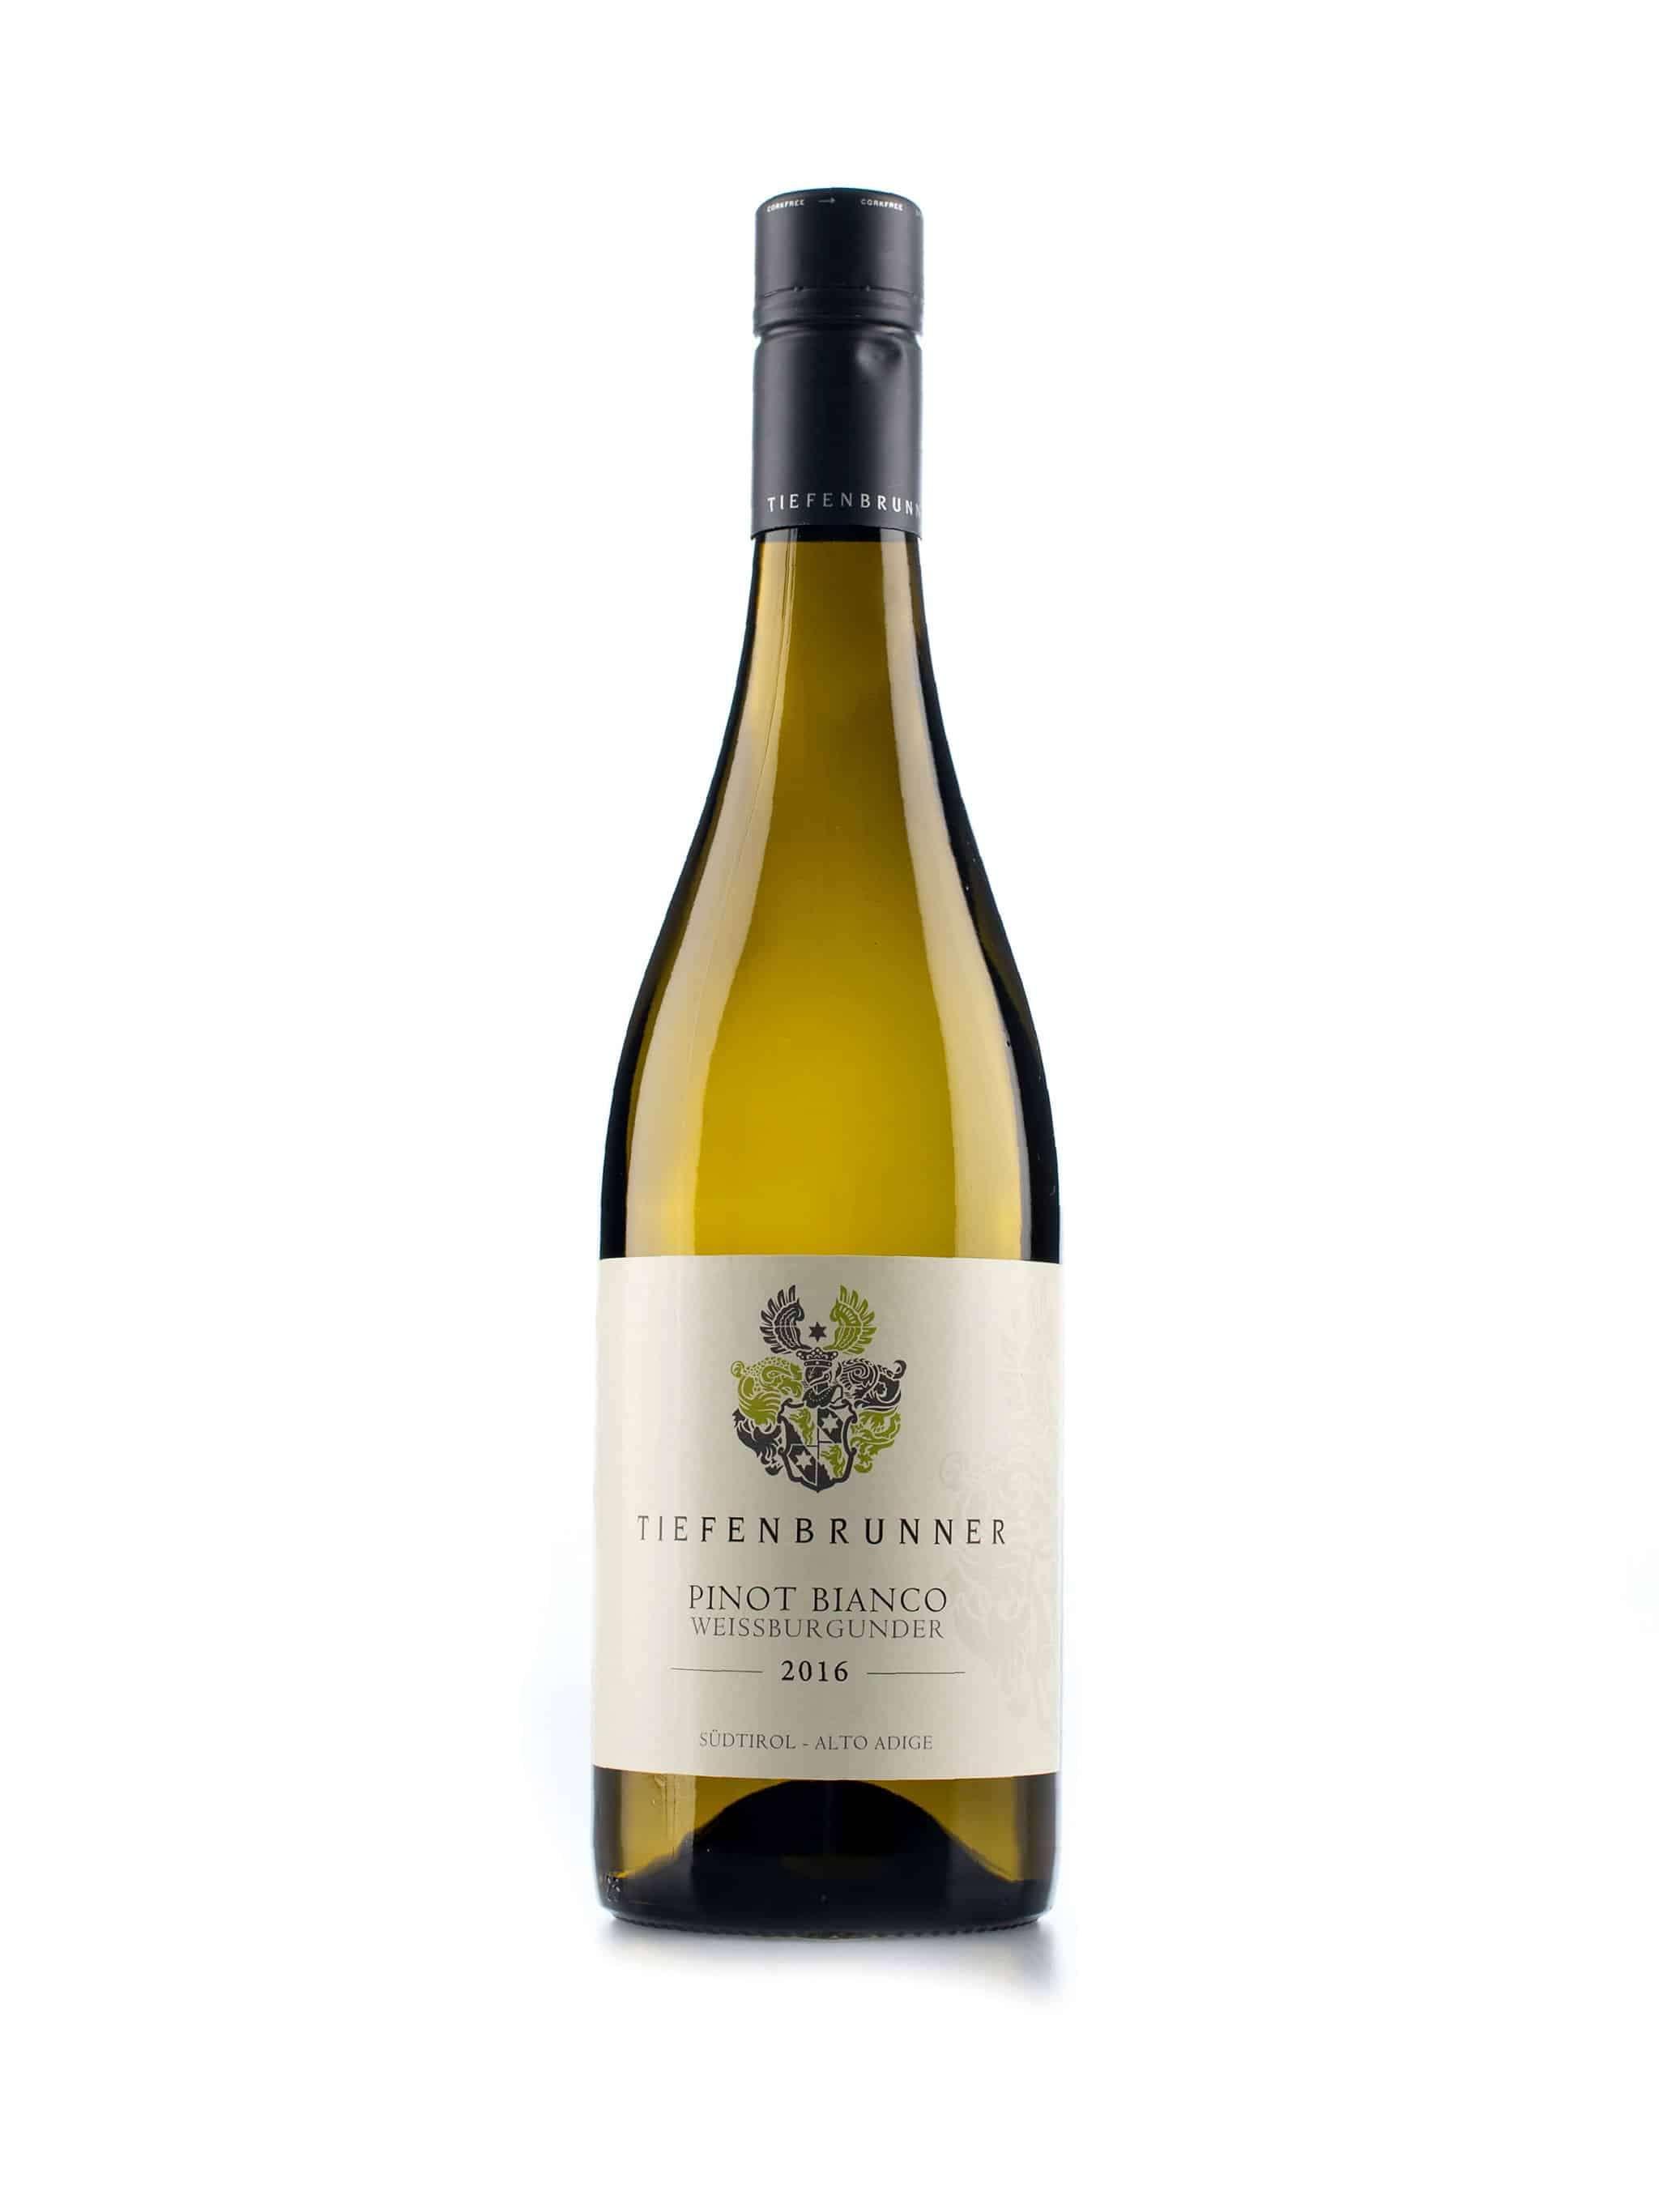 Italiaanse witte wijn van wijndomein Tiefenbrunner: Pinot Bianco